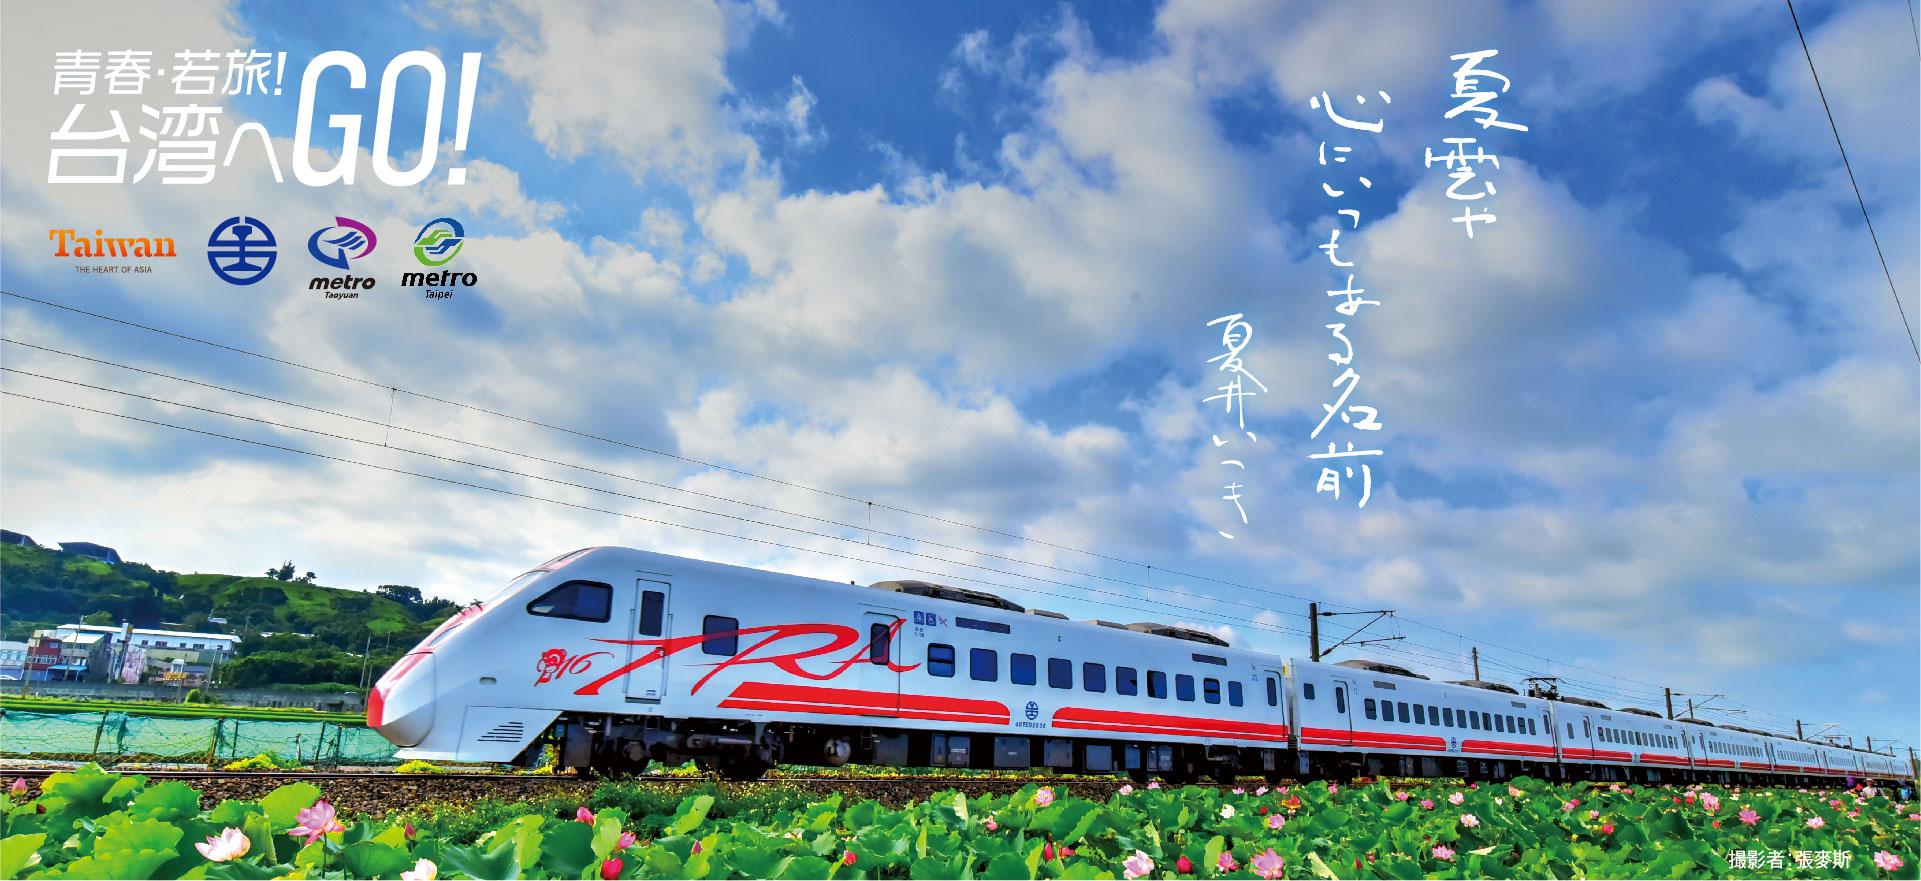 「青春・若旅!台湾へGO!」 プレゼントキャンペーンがスタート!